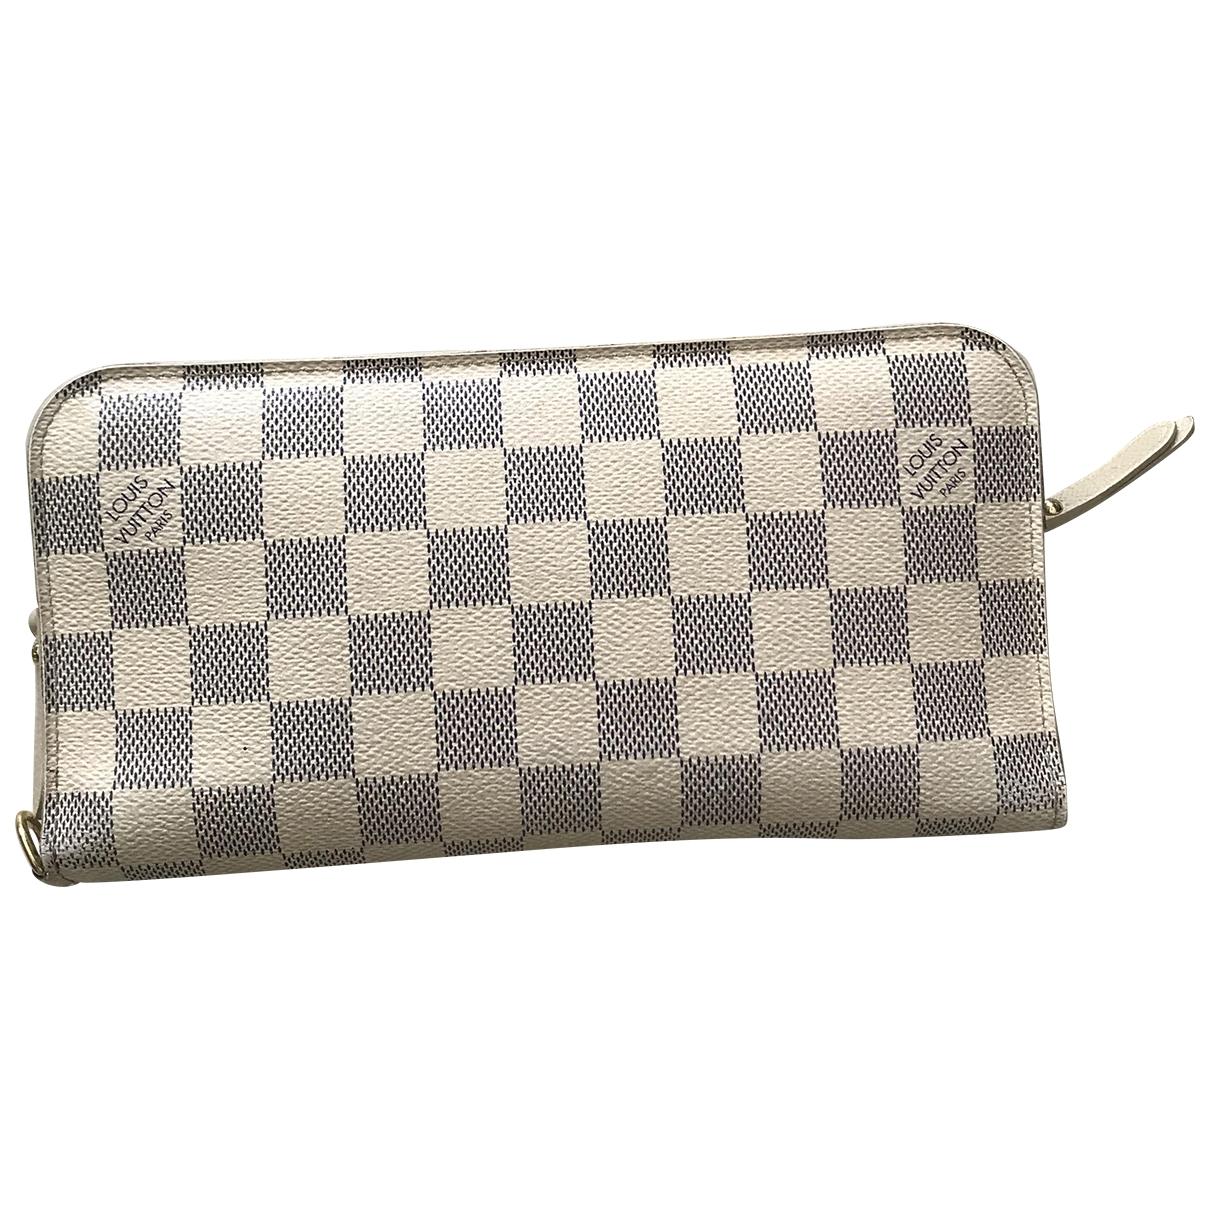 Louis Vuitton Zippy Beige Leather wallet for Women \N